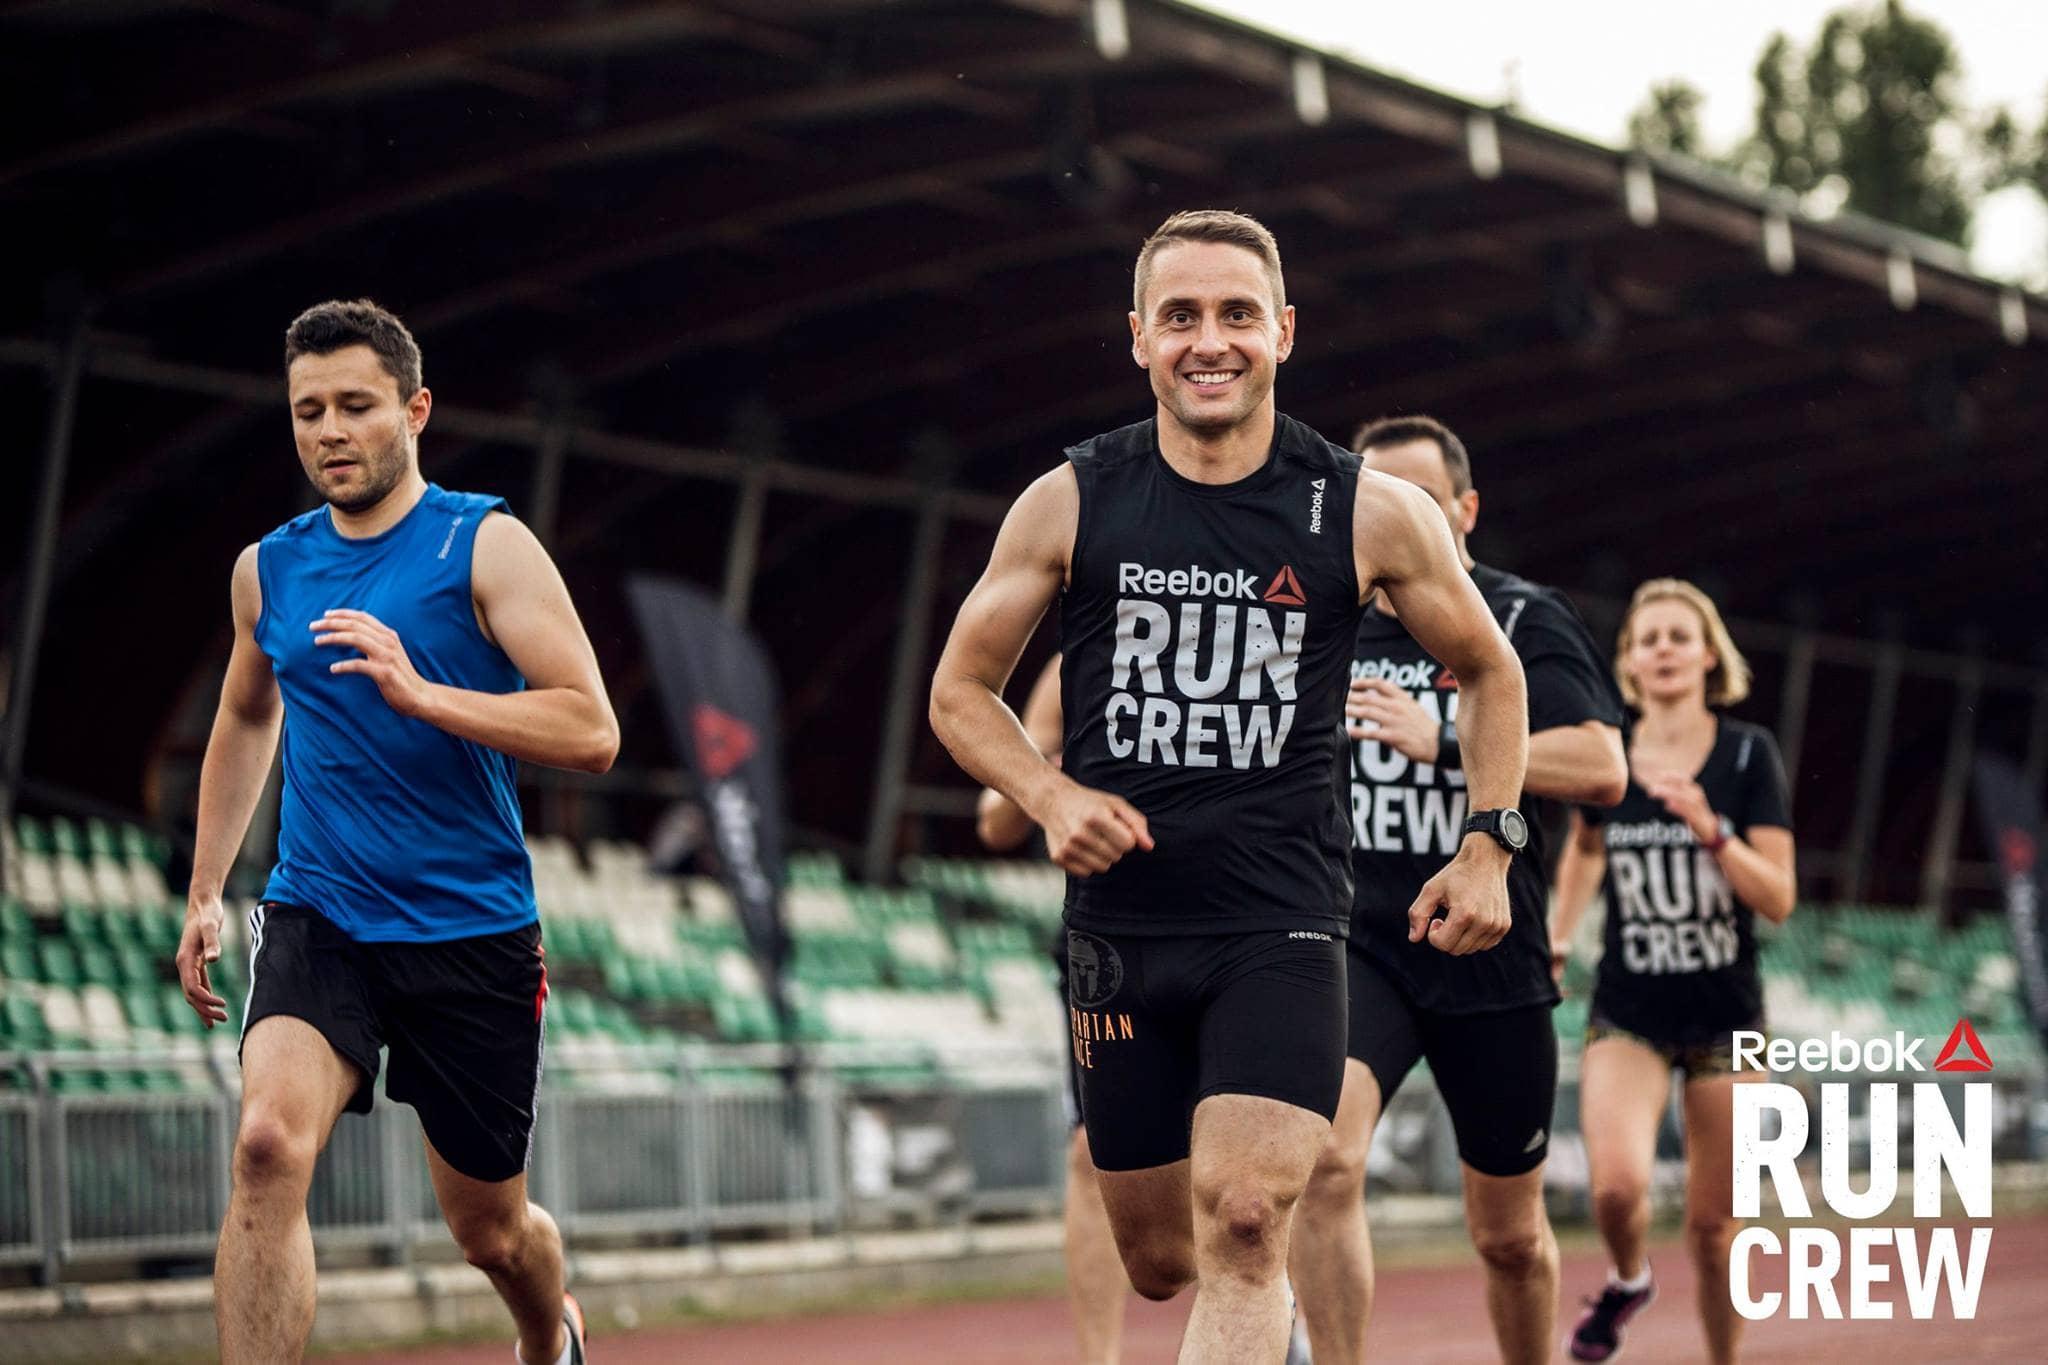 Reebok Run Crew